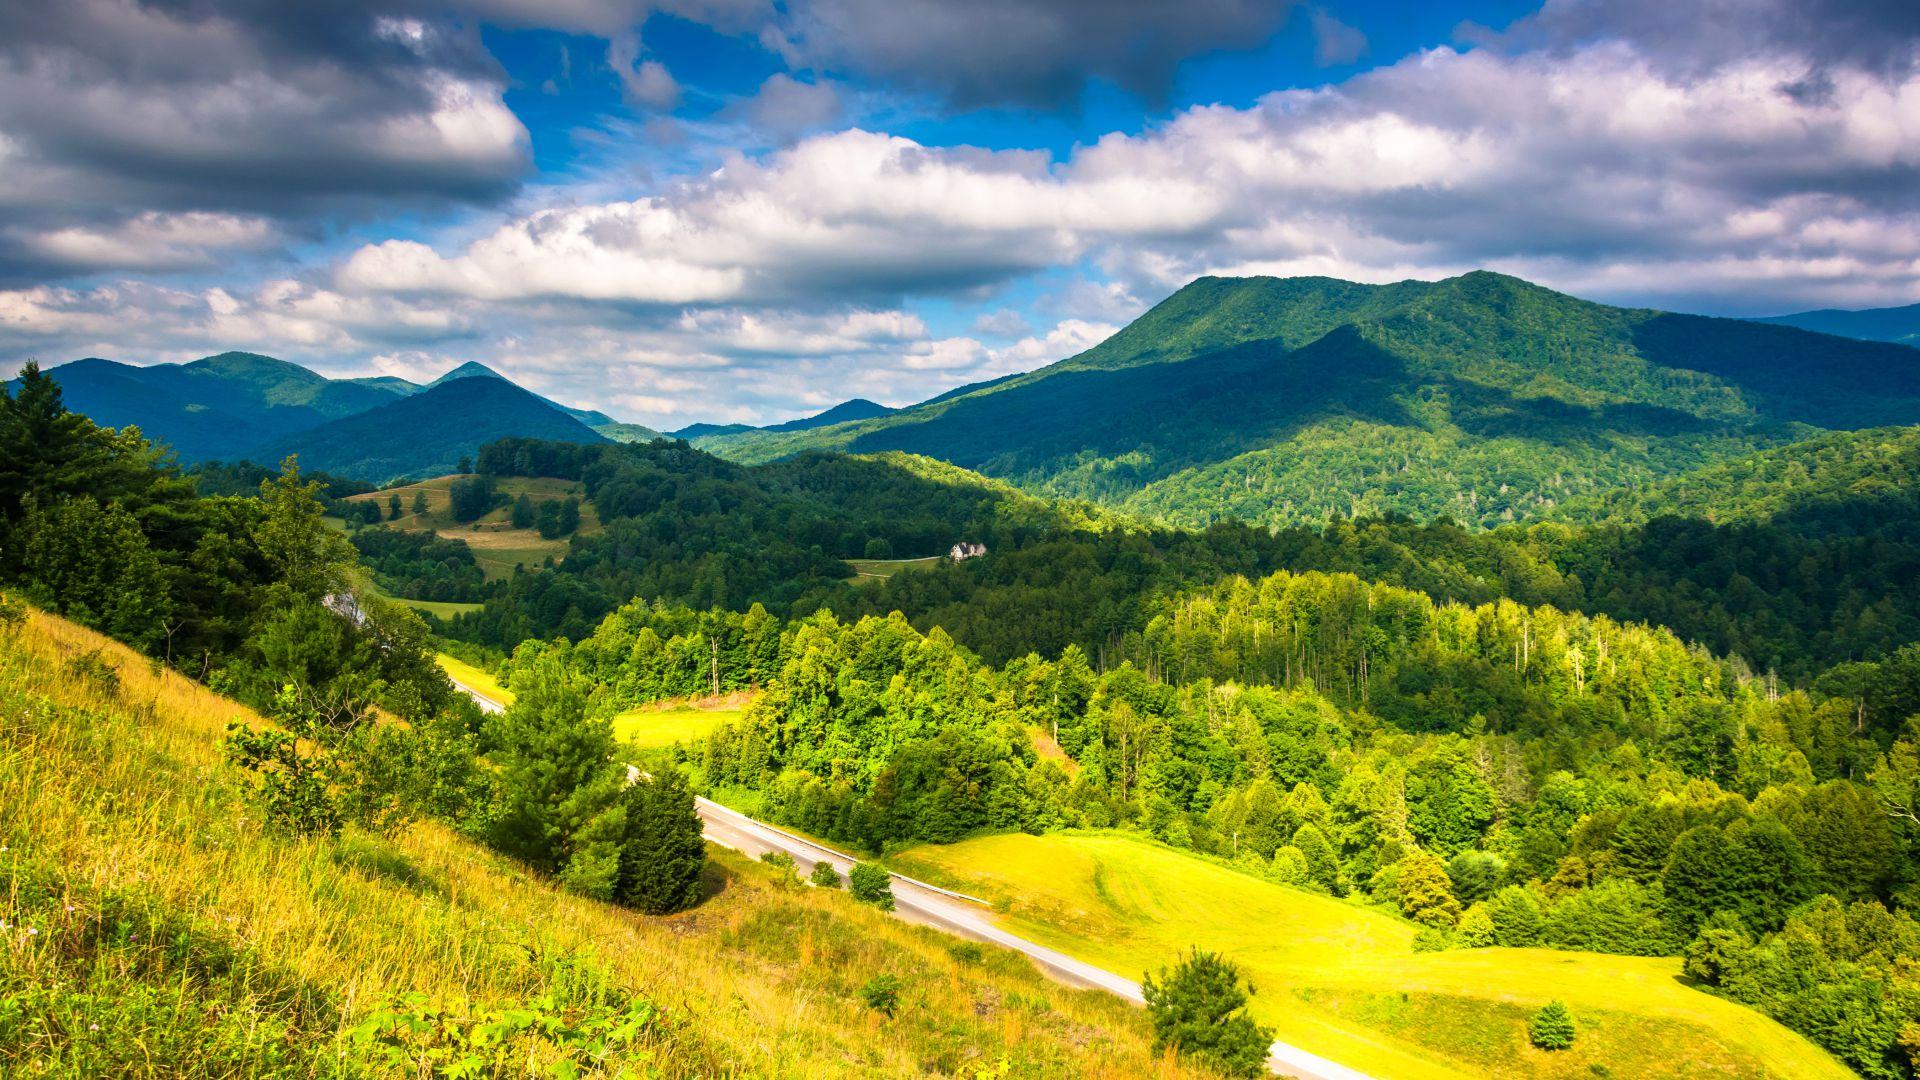 фото аппалачи горы